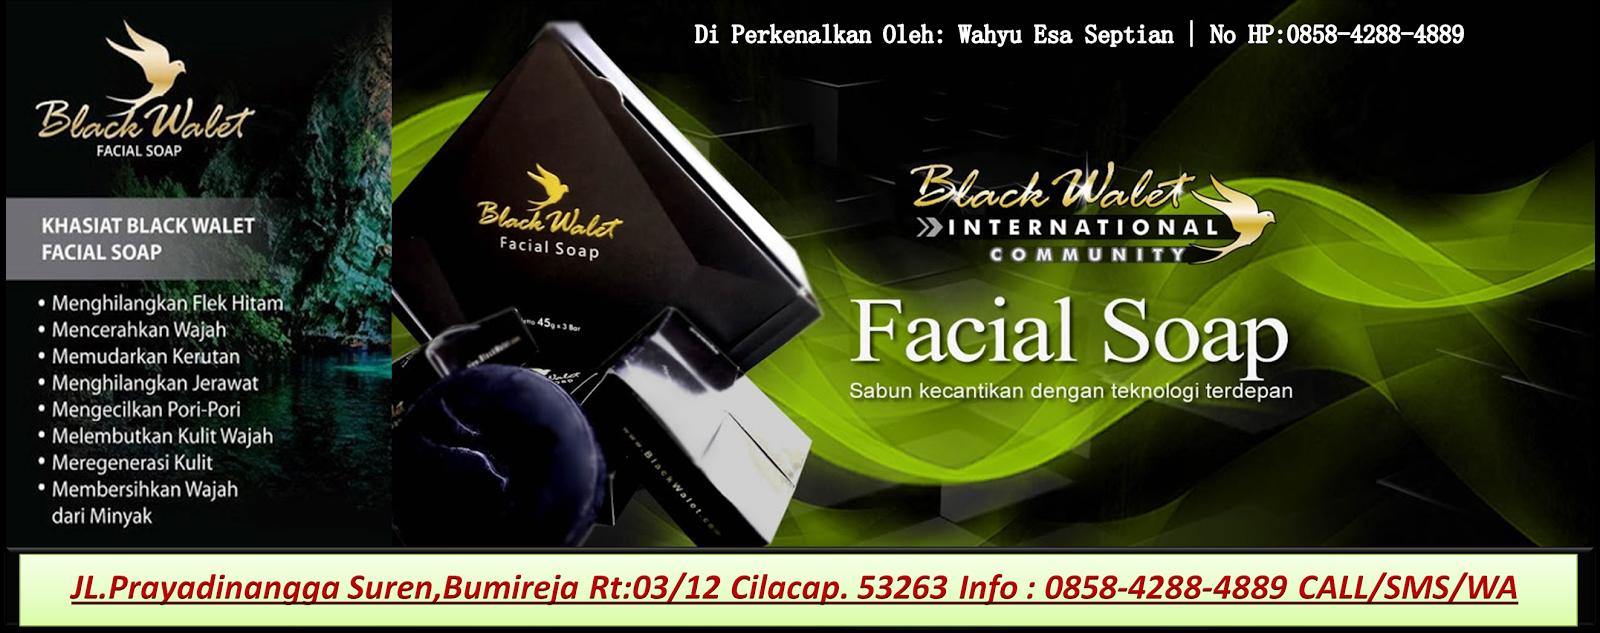 Black Wallet Sabun Kecantikan Bumireja 085842884889 Muka Walet Cilacap